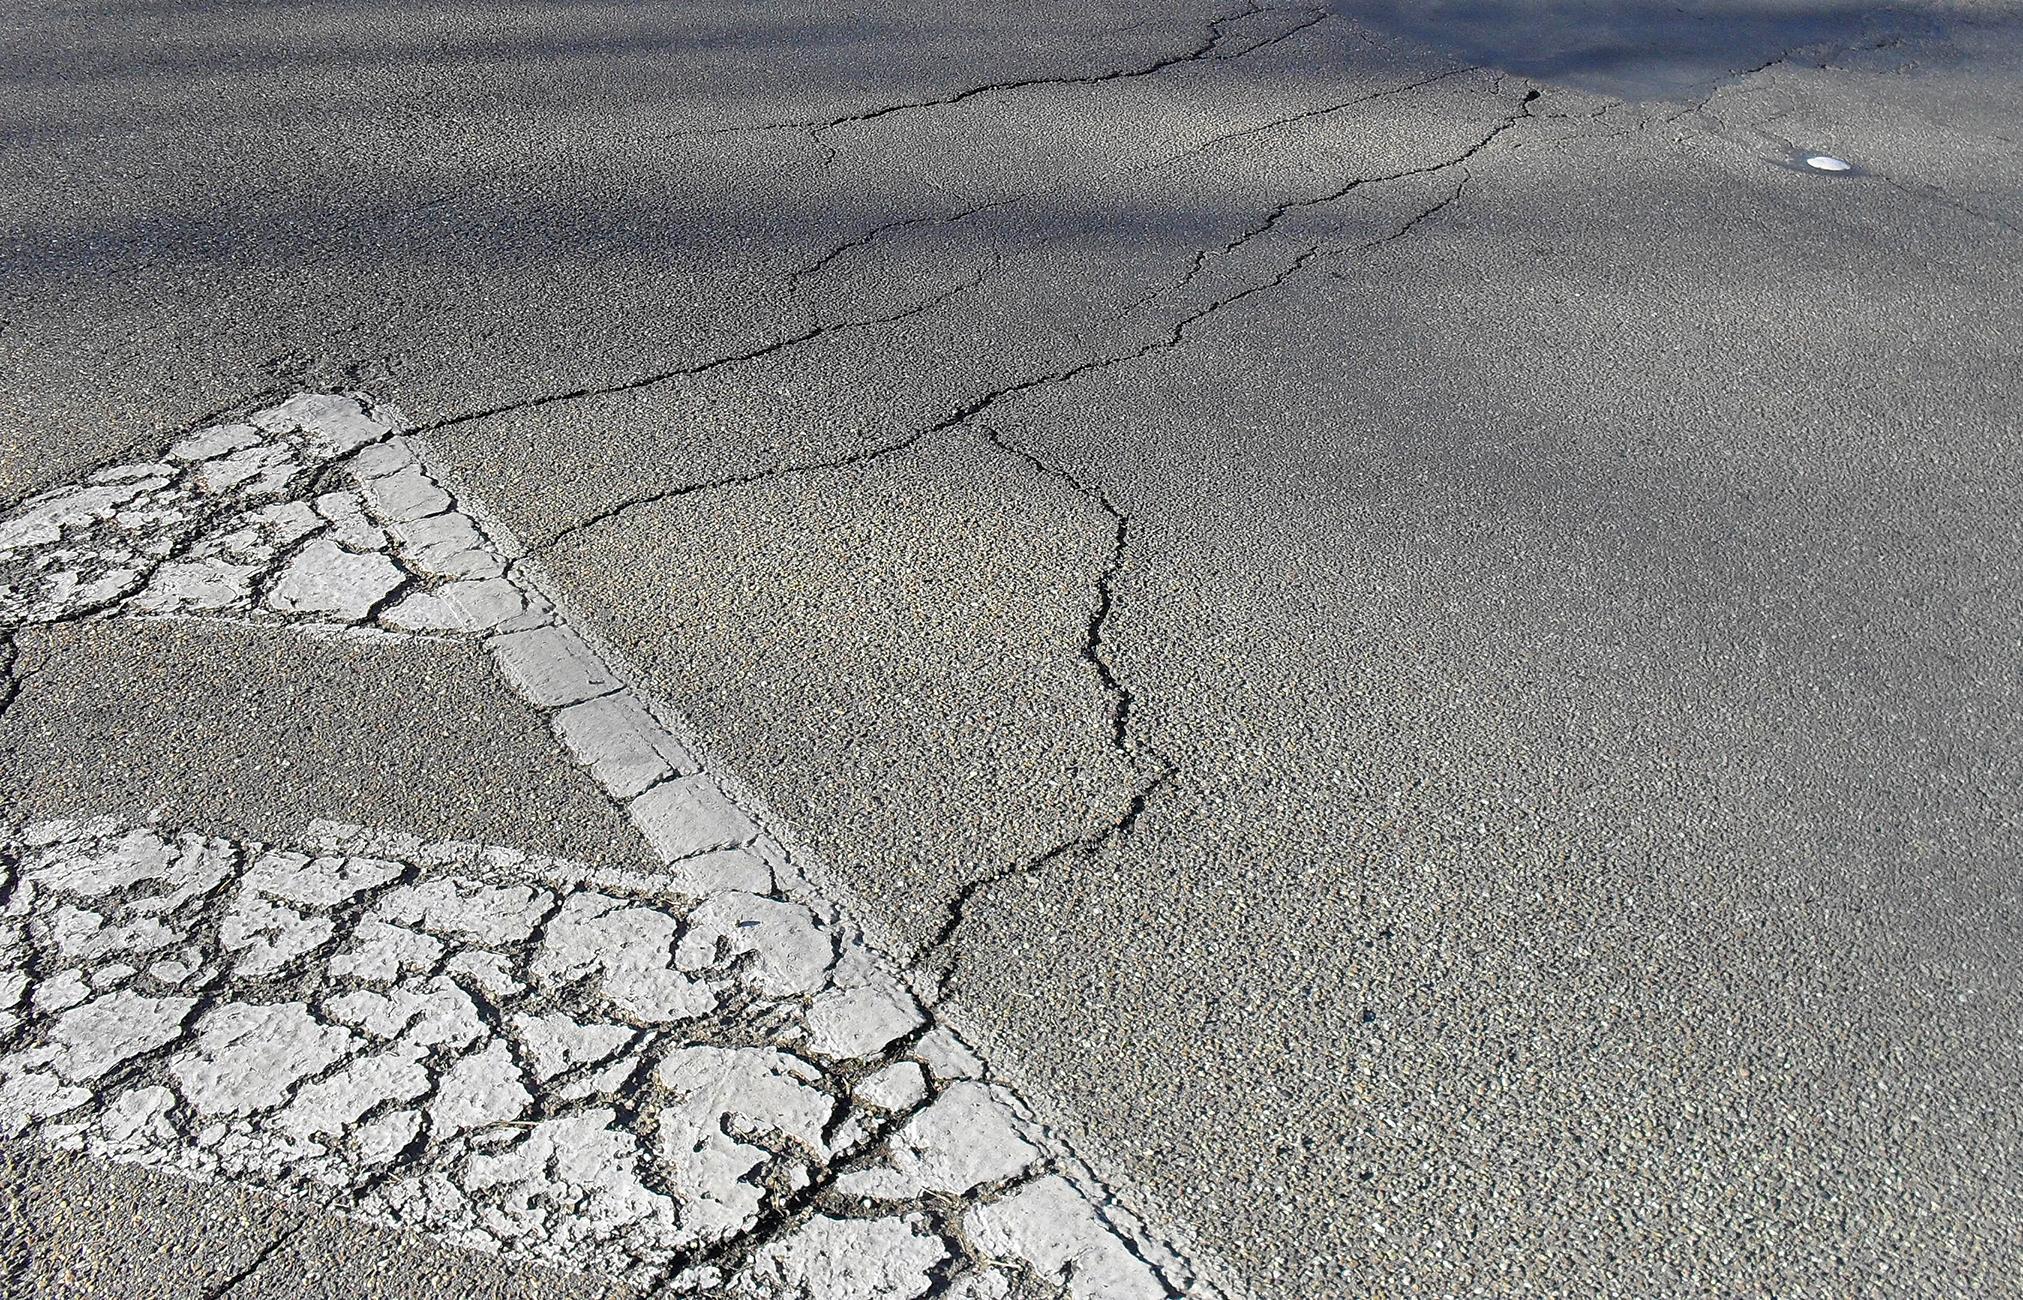 A photo of cracked asphalt.